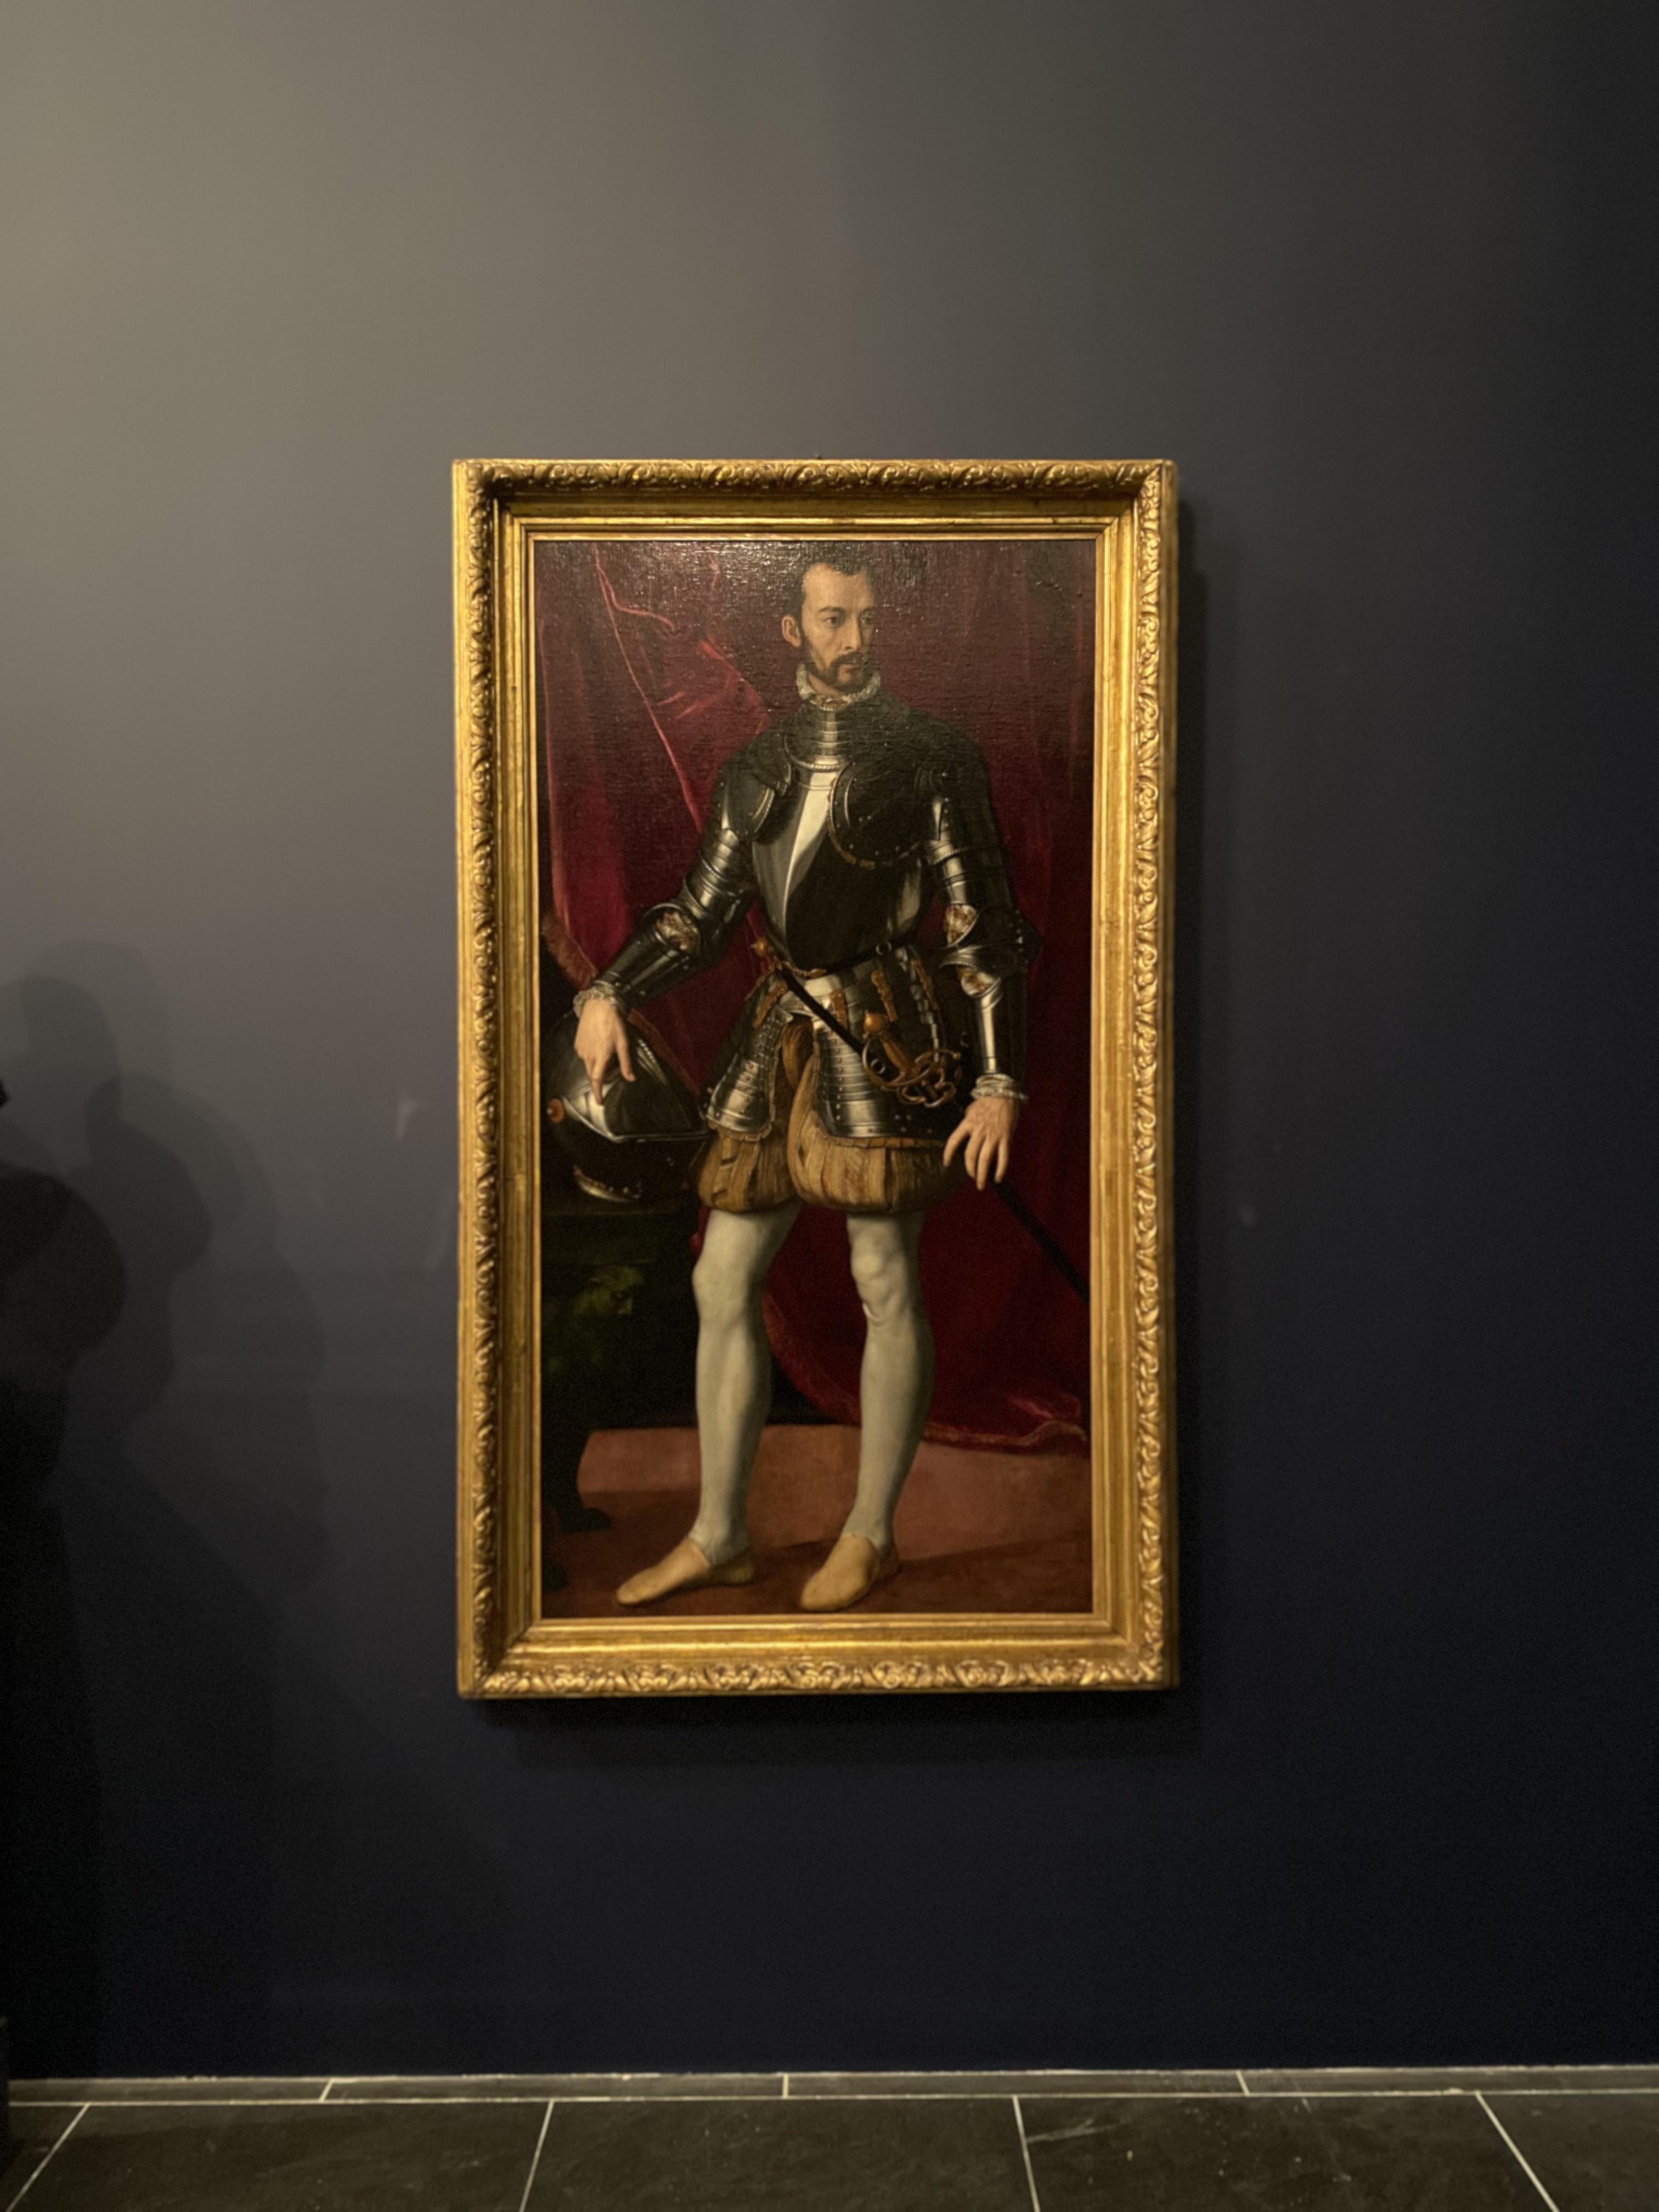 Francesco I de' Medici in tentoonstelling The Medici. Portraits & Politics, Metropolitan Museum of Art (New York)